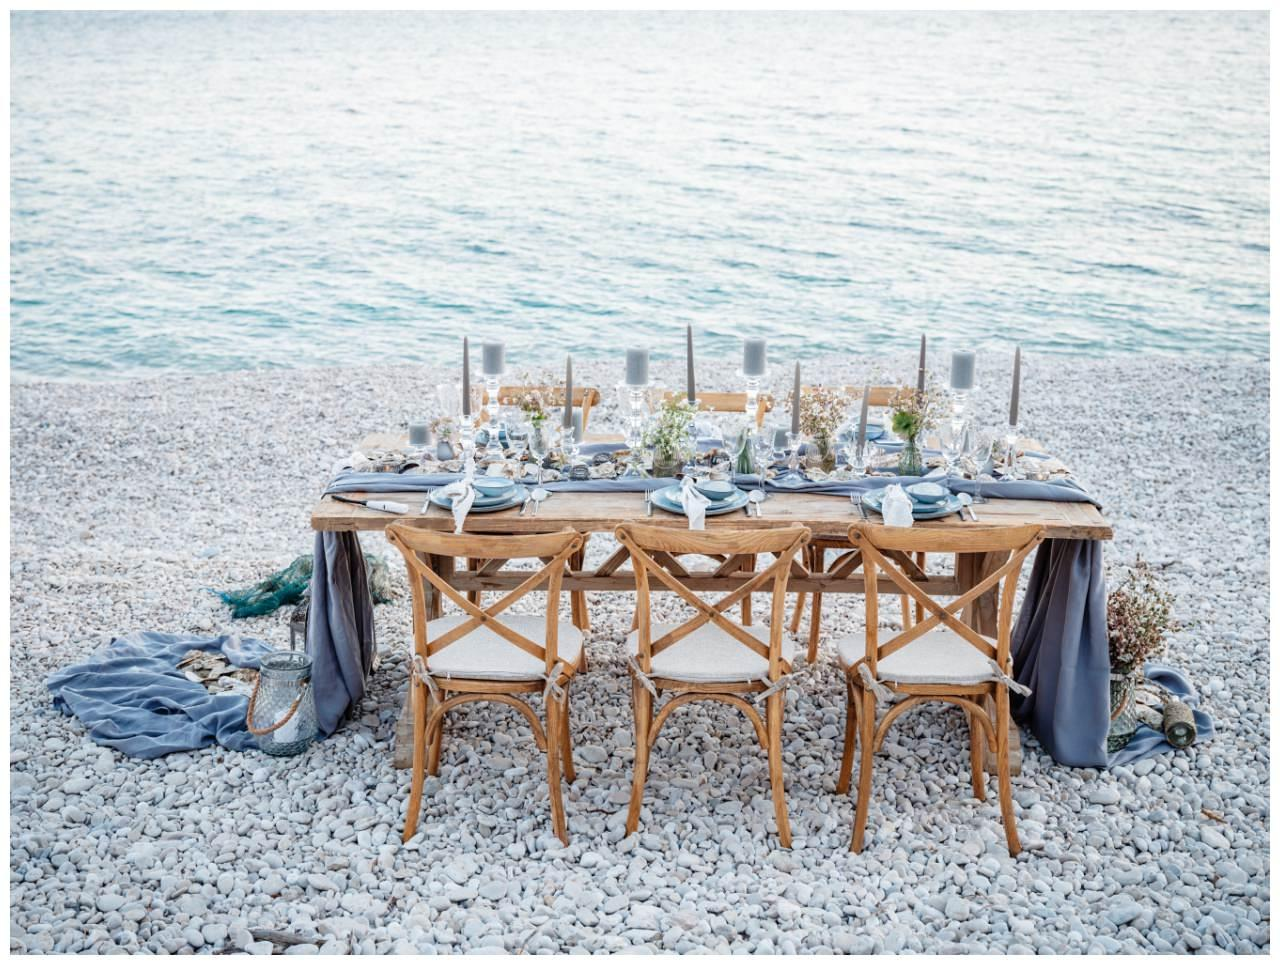 Hochzeit Strand Kroatien Hochzetsplanung Hochzeitsplaner Fotograf 31 - Kleine Hochzeit am Strand